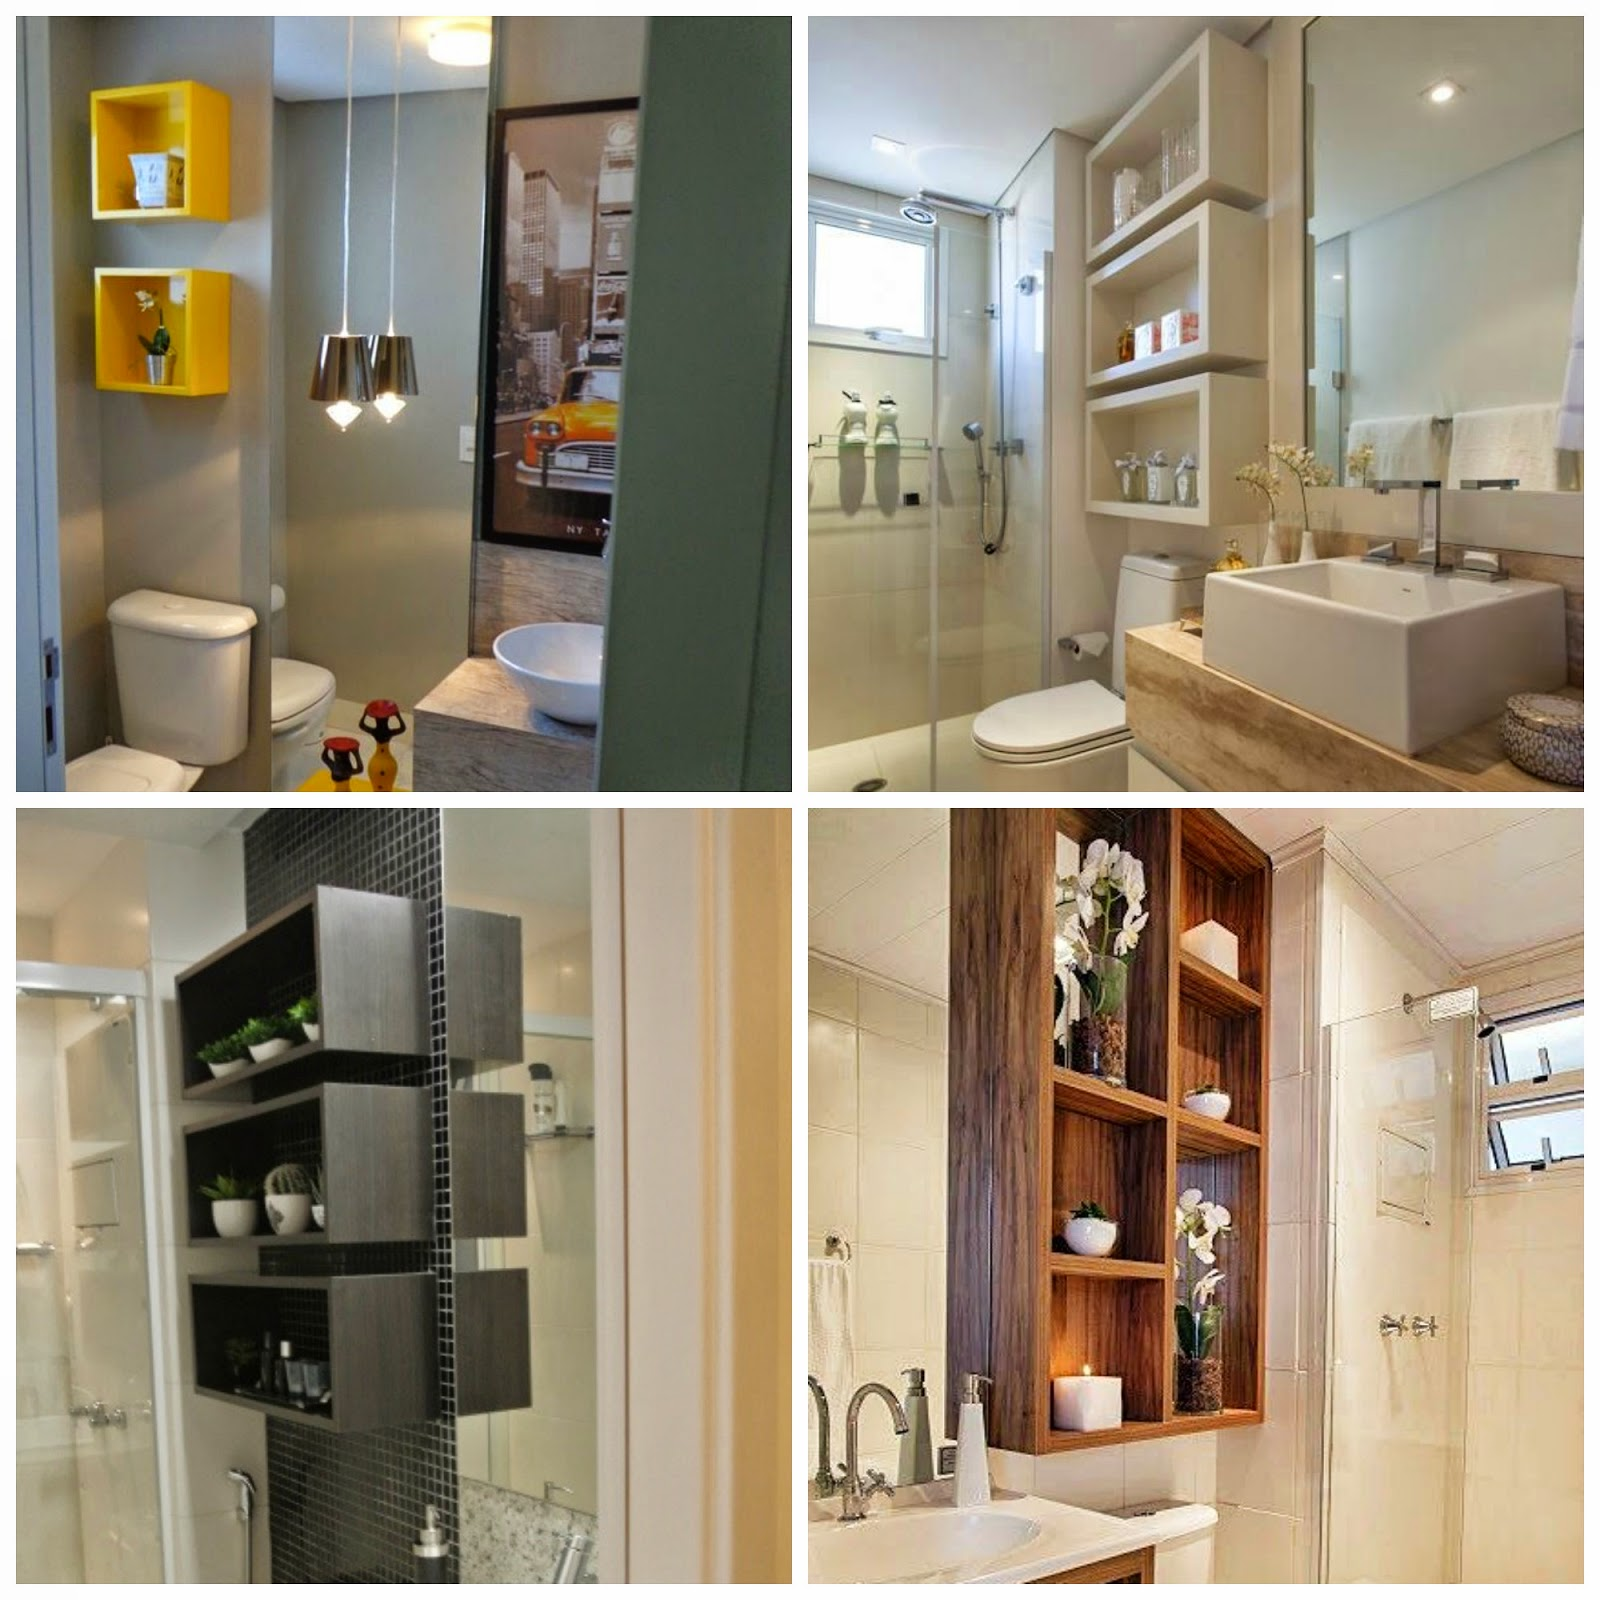 decoracao de banheiro leroy merlin:Dicas da Gaby: InspiraDecor  #A37228 1600 1600